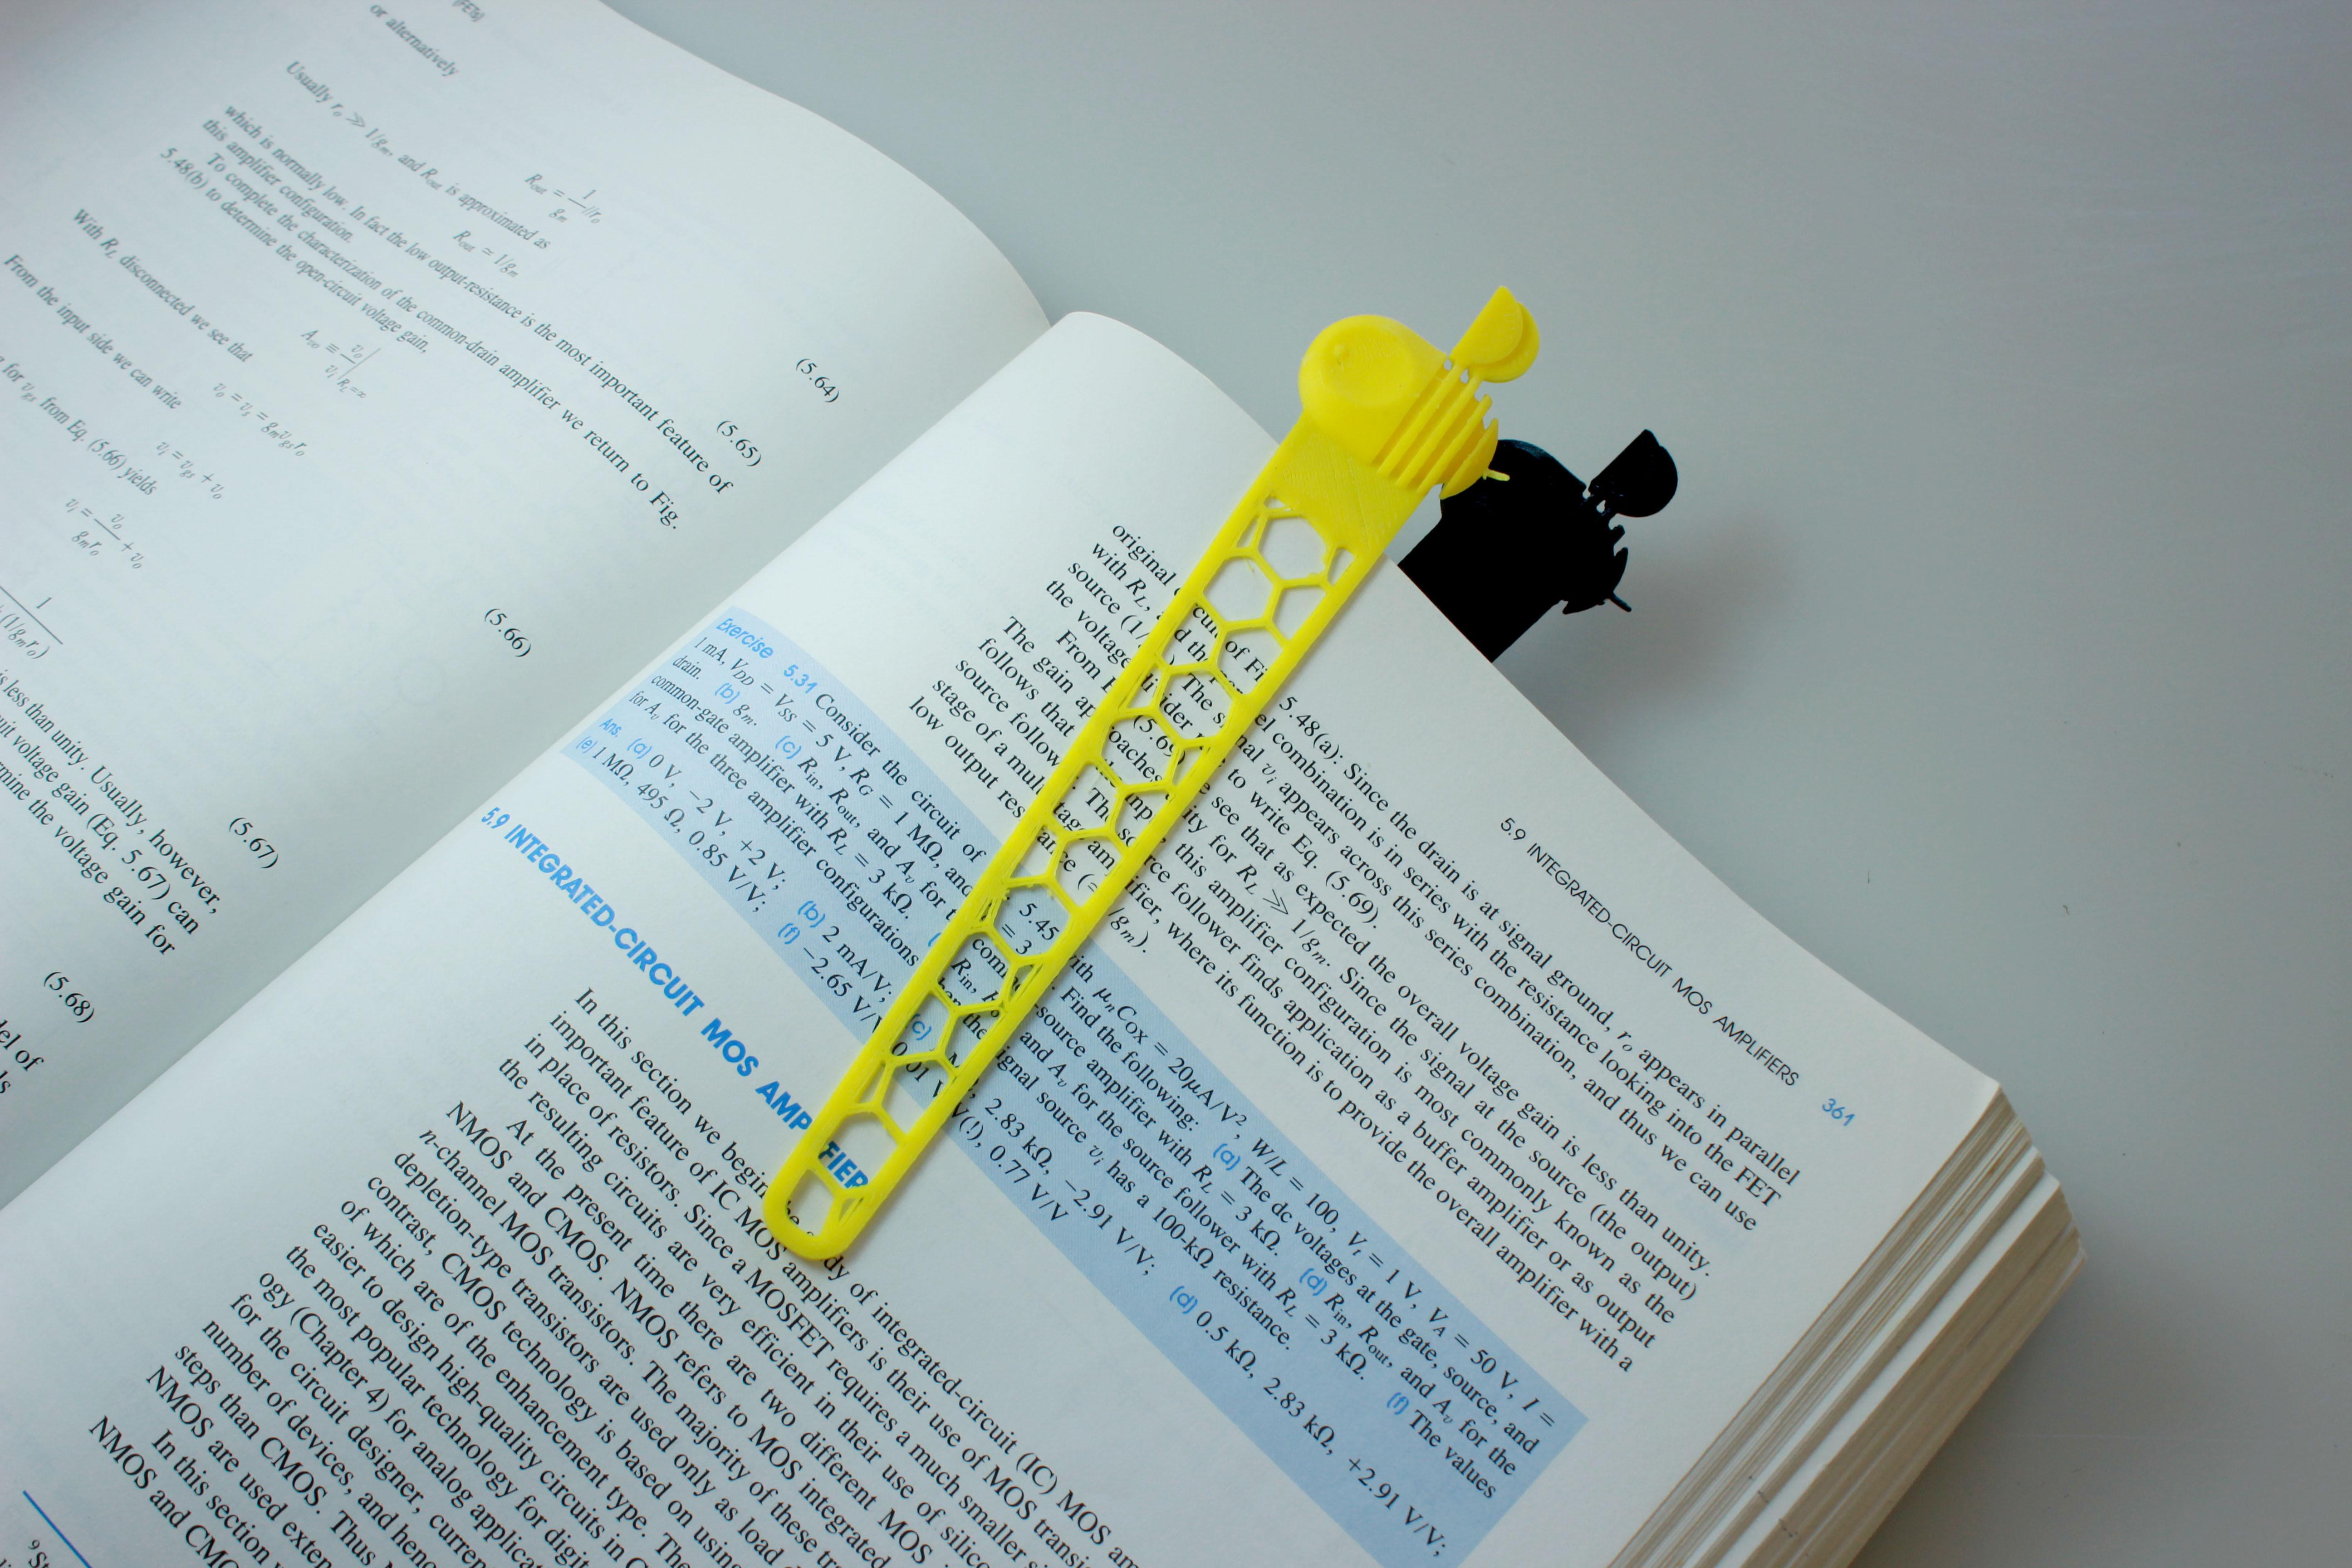 bkmrk-02.jpg Download free STL file Bookmark • 3D printing model, BEEVERYCREATIVE